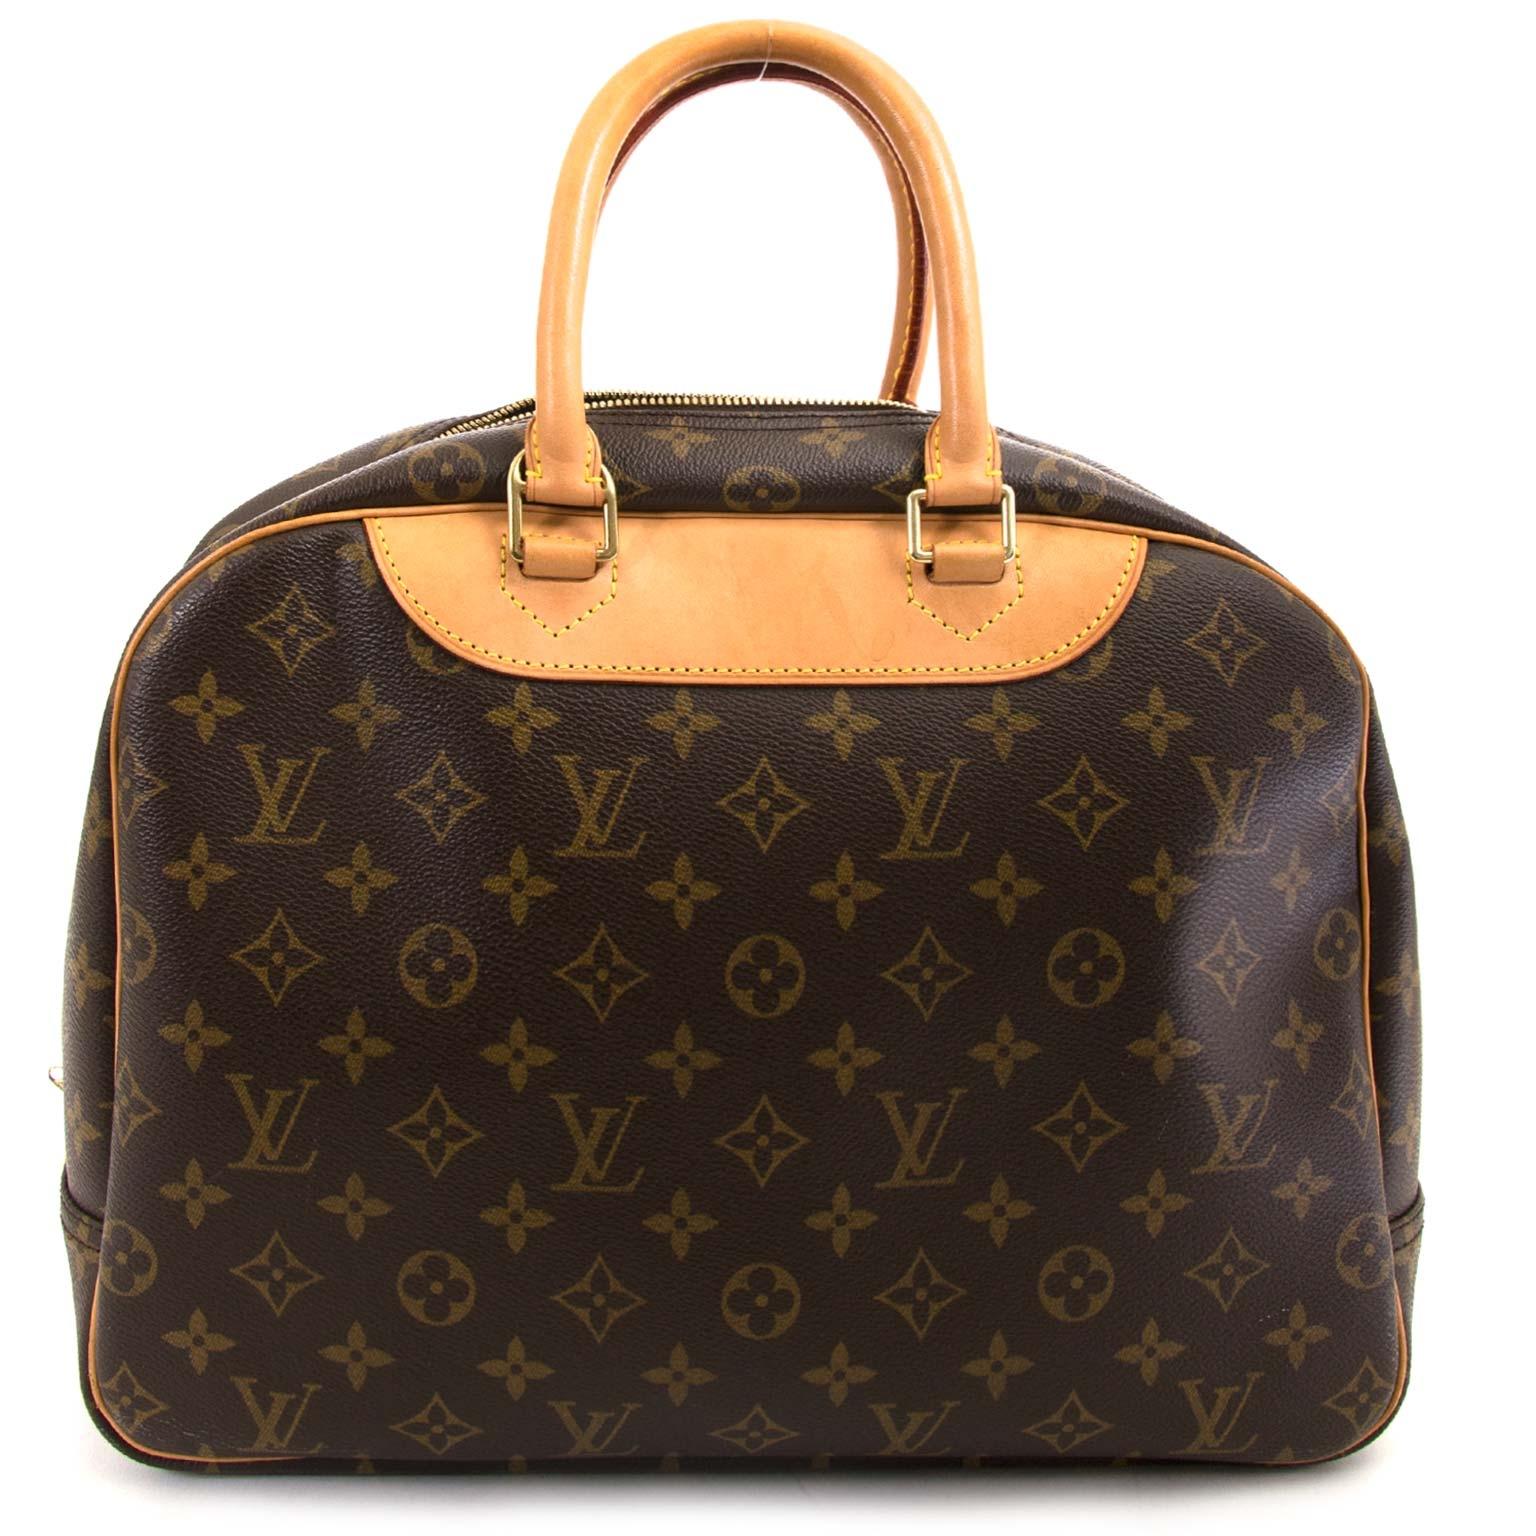 e2c9bcc80ddc ... achetez Louis Vuitton Monogram Deauville chez labellov pour le meilleur  prix